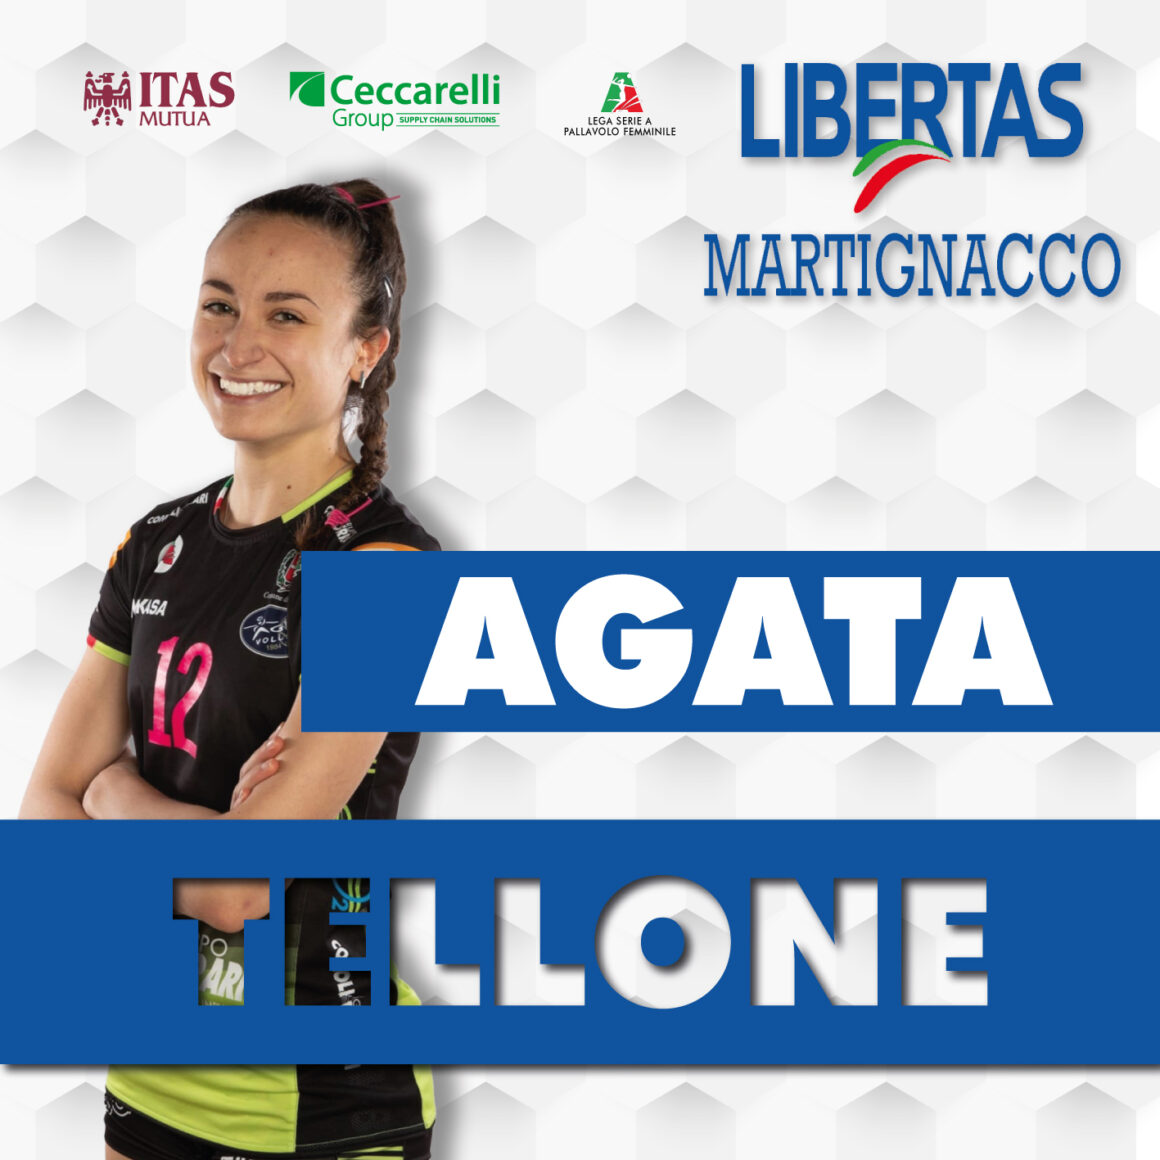 La Itas Ceccarelli Group si assicura Agata Tellone